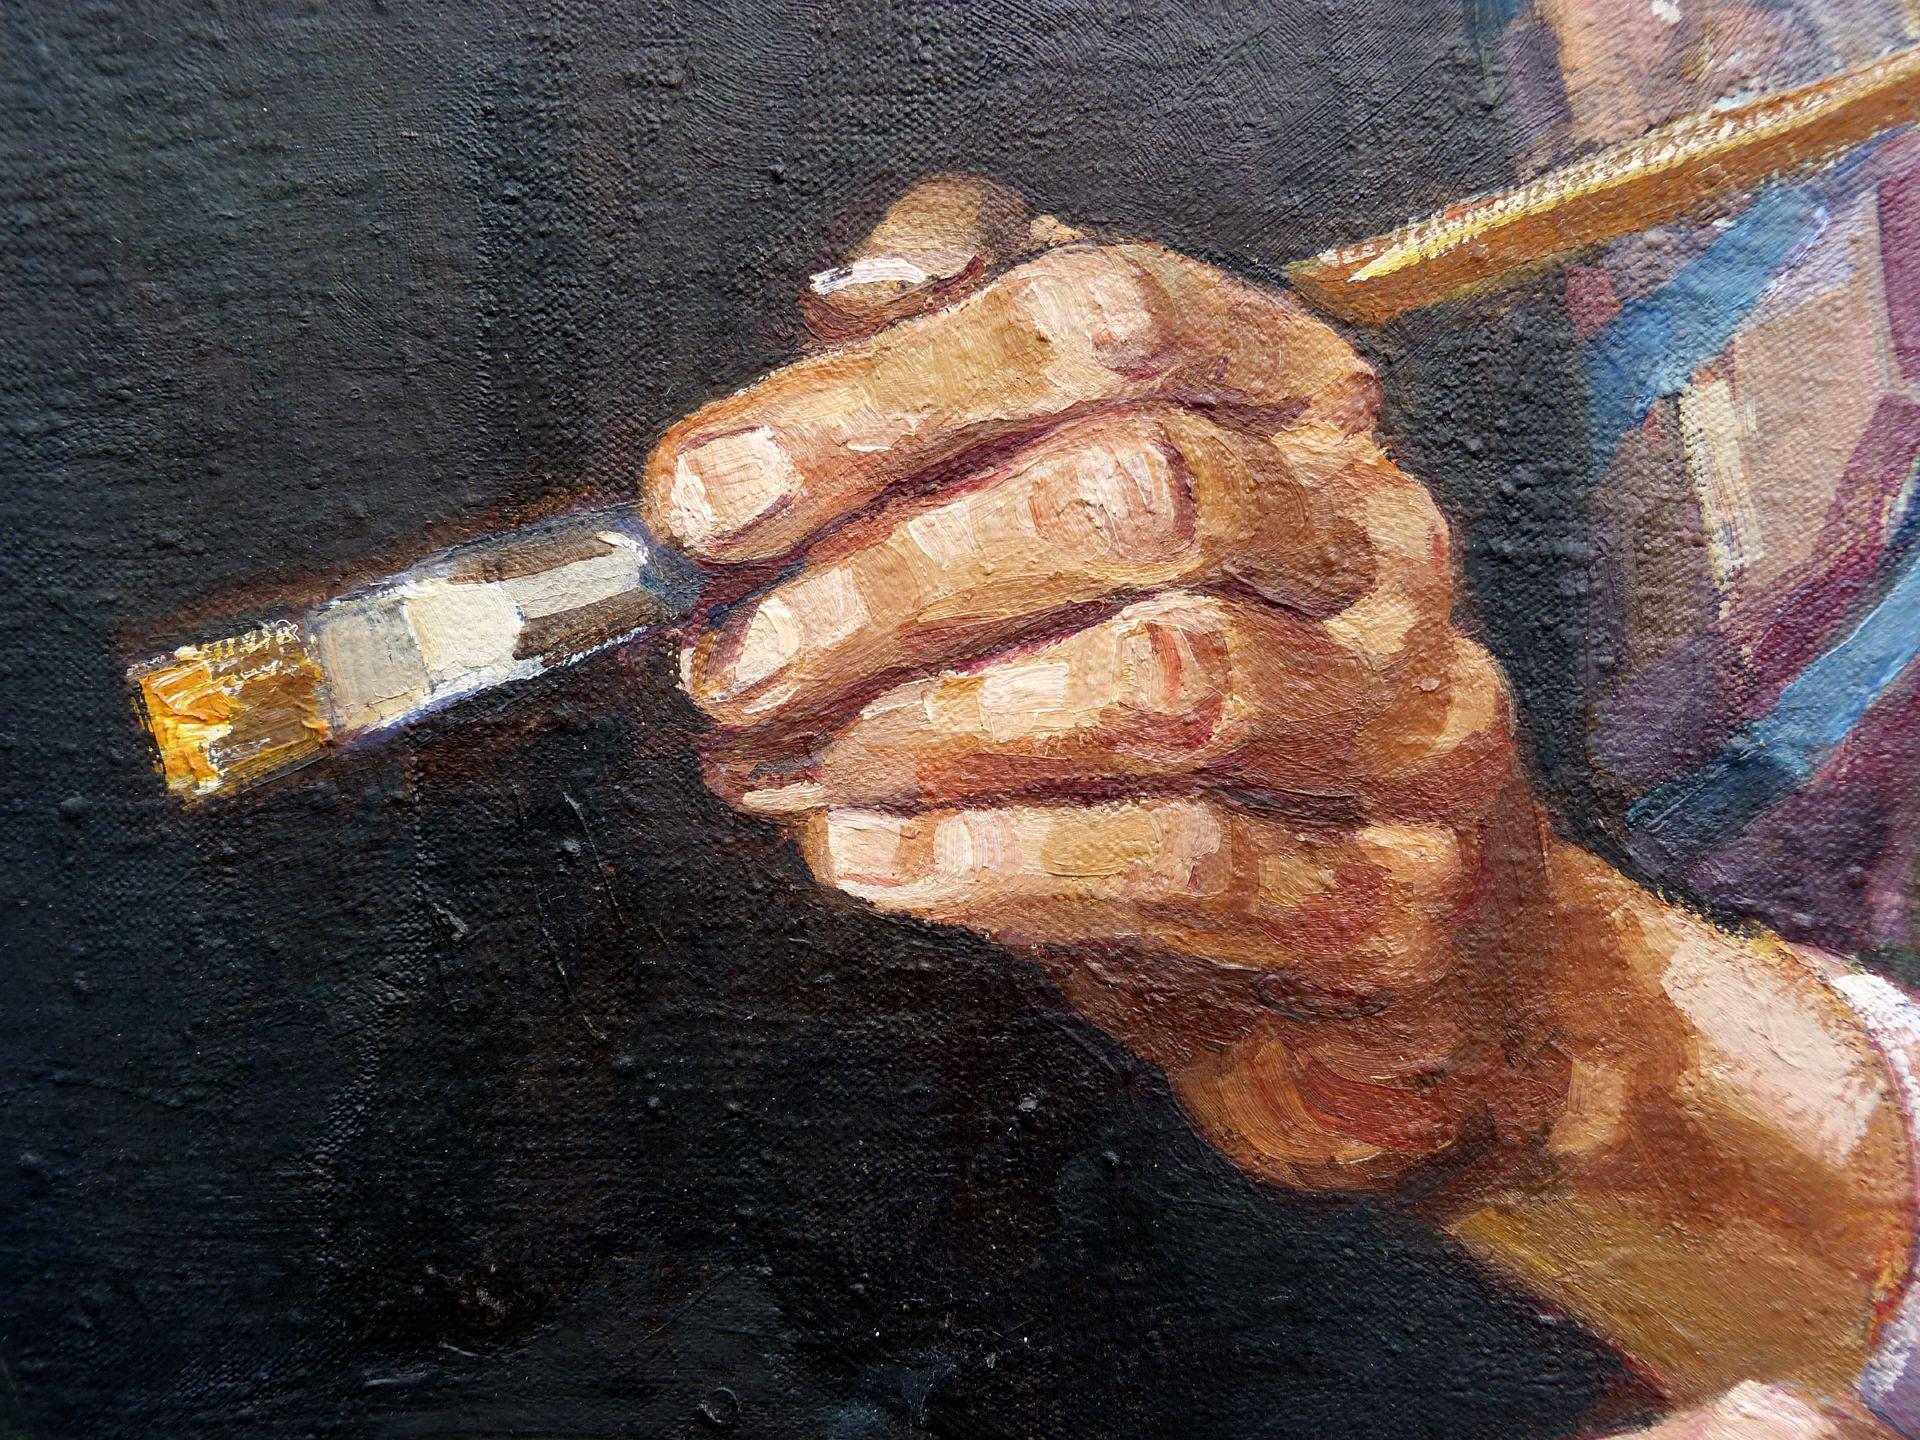 Selbstportrait, Hermann Thomas Schmidt Detail der Hand